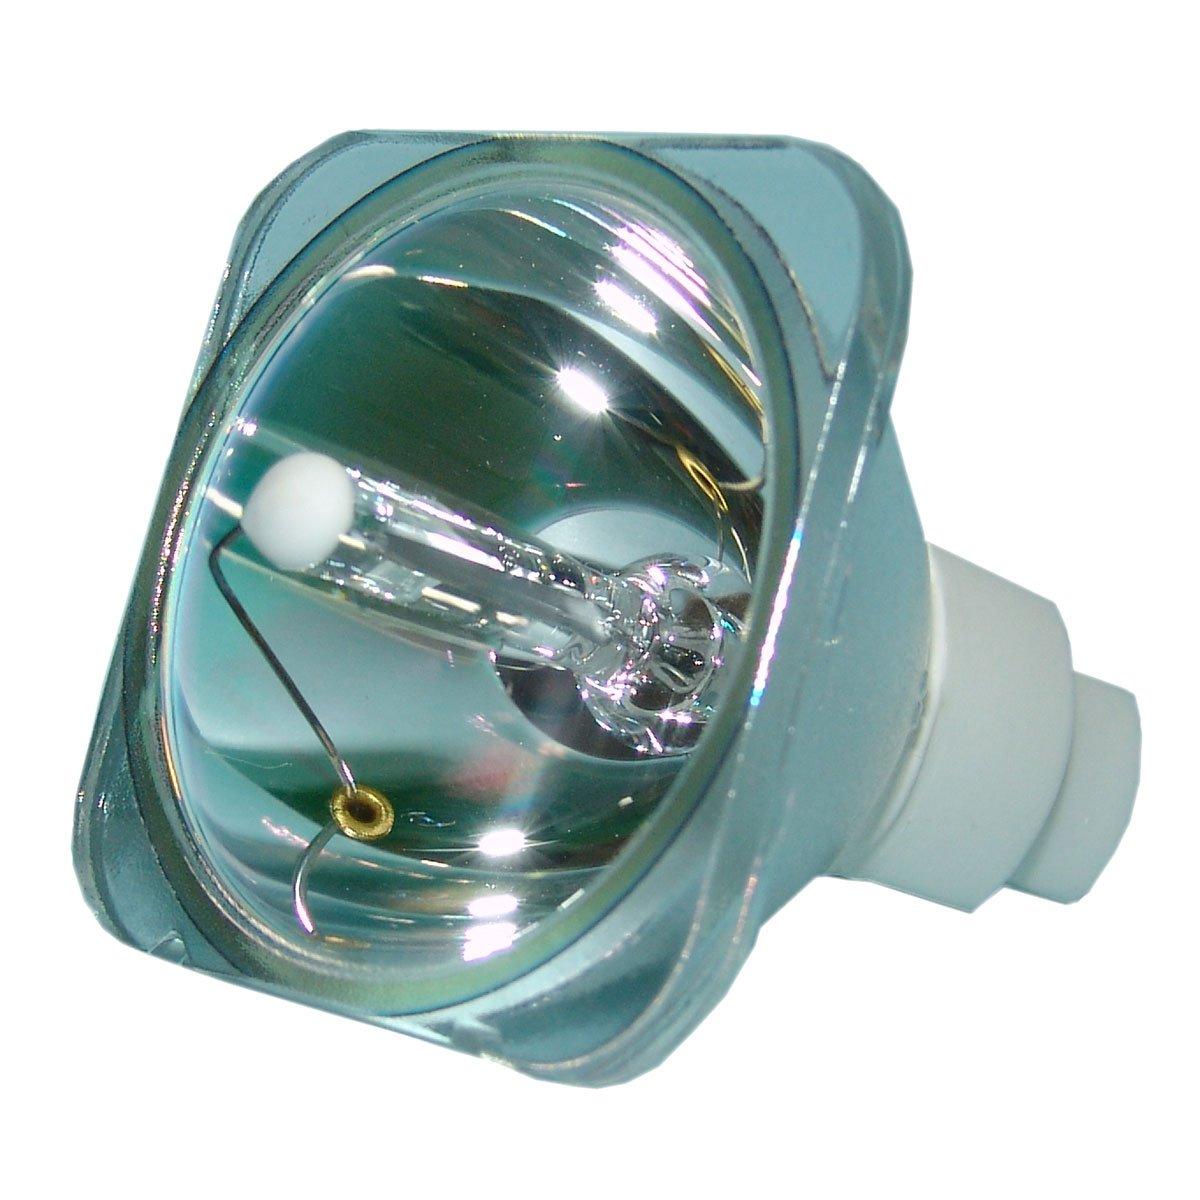 SpArc 交換用プロジェクターランプ 囲い/電球付き NEC NP-U321H用 Economy B07MFH2KSK Lamp Only Economy